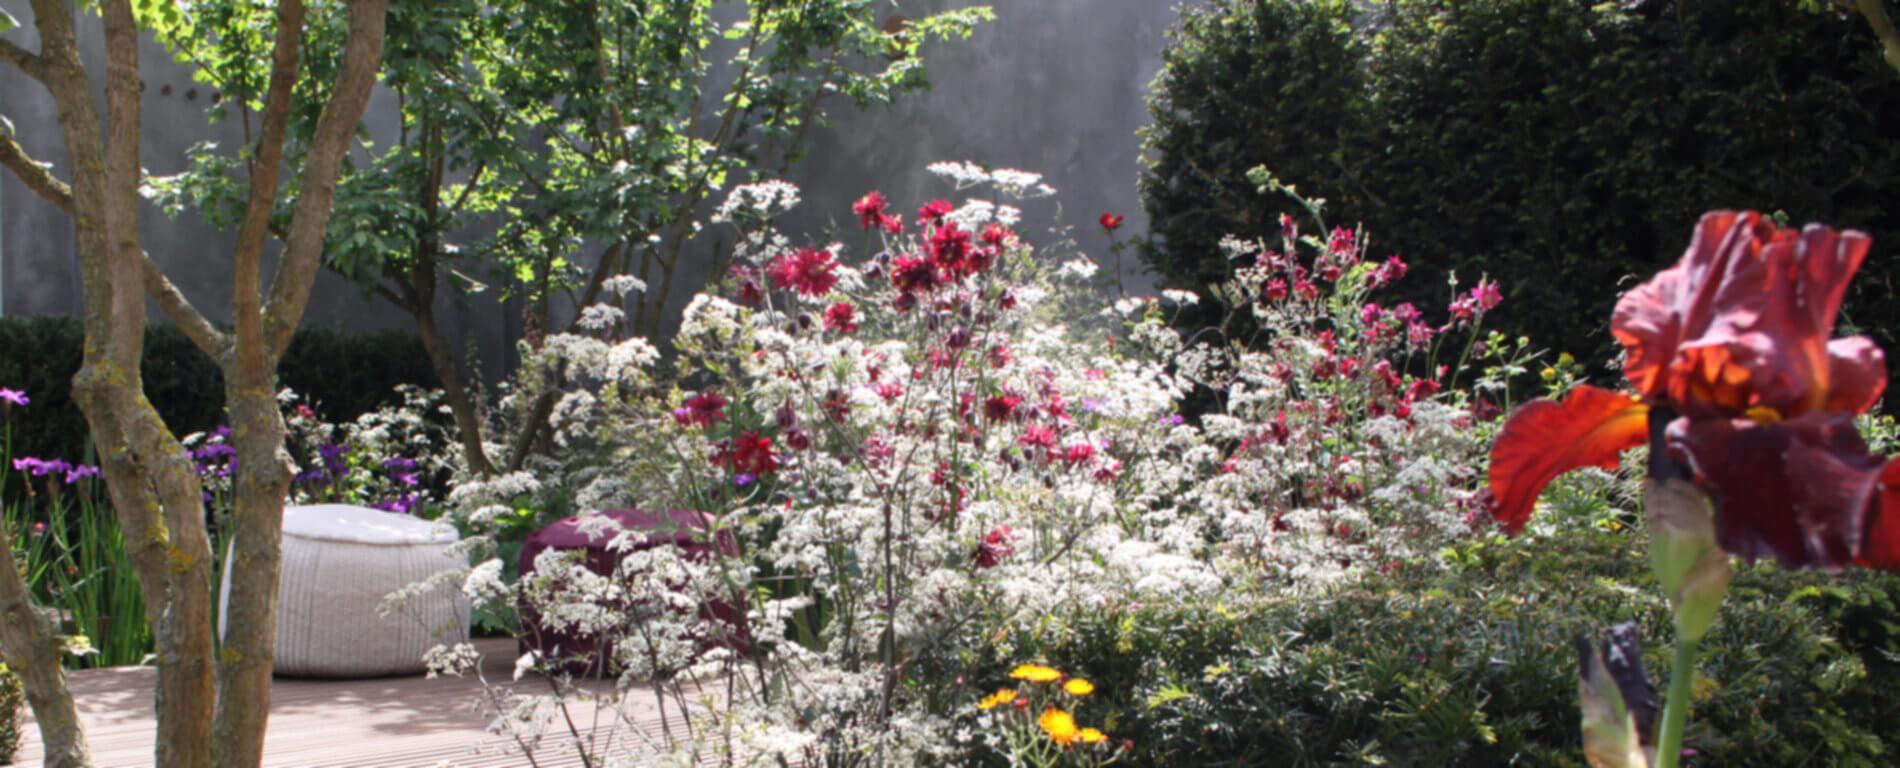 Pflanzen in der Gartenarchitektur